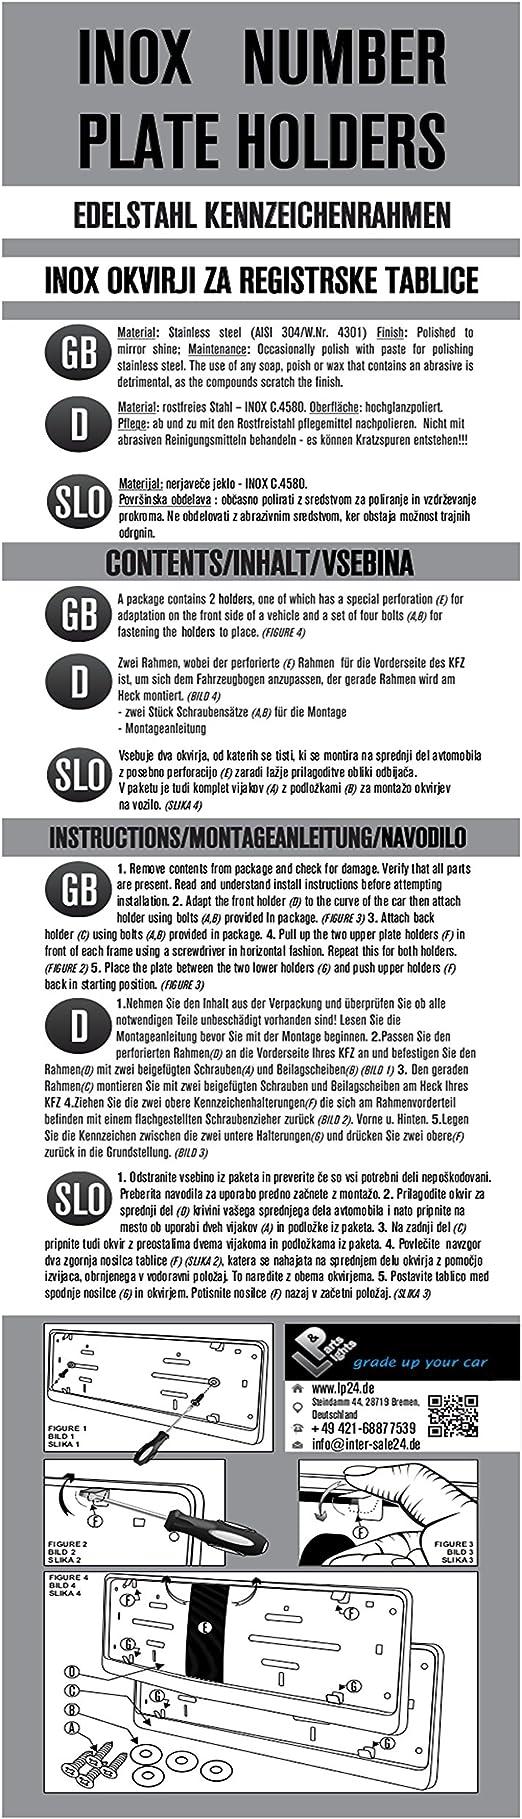 2Er-Pack Crystal Bling Kfz-Kennzeichenhalter xiaowang Auto Kennzeichenhalter Set Rahmenlos - Edelstahl-Kennzeichenhalter Mit Strassverzierung F/ür Die Meisten Autos